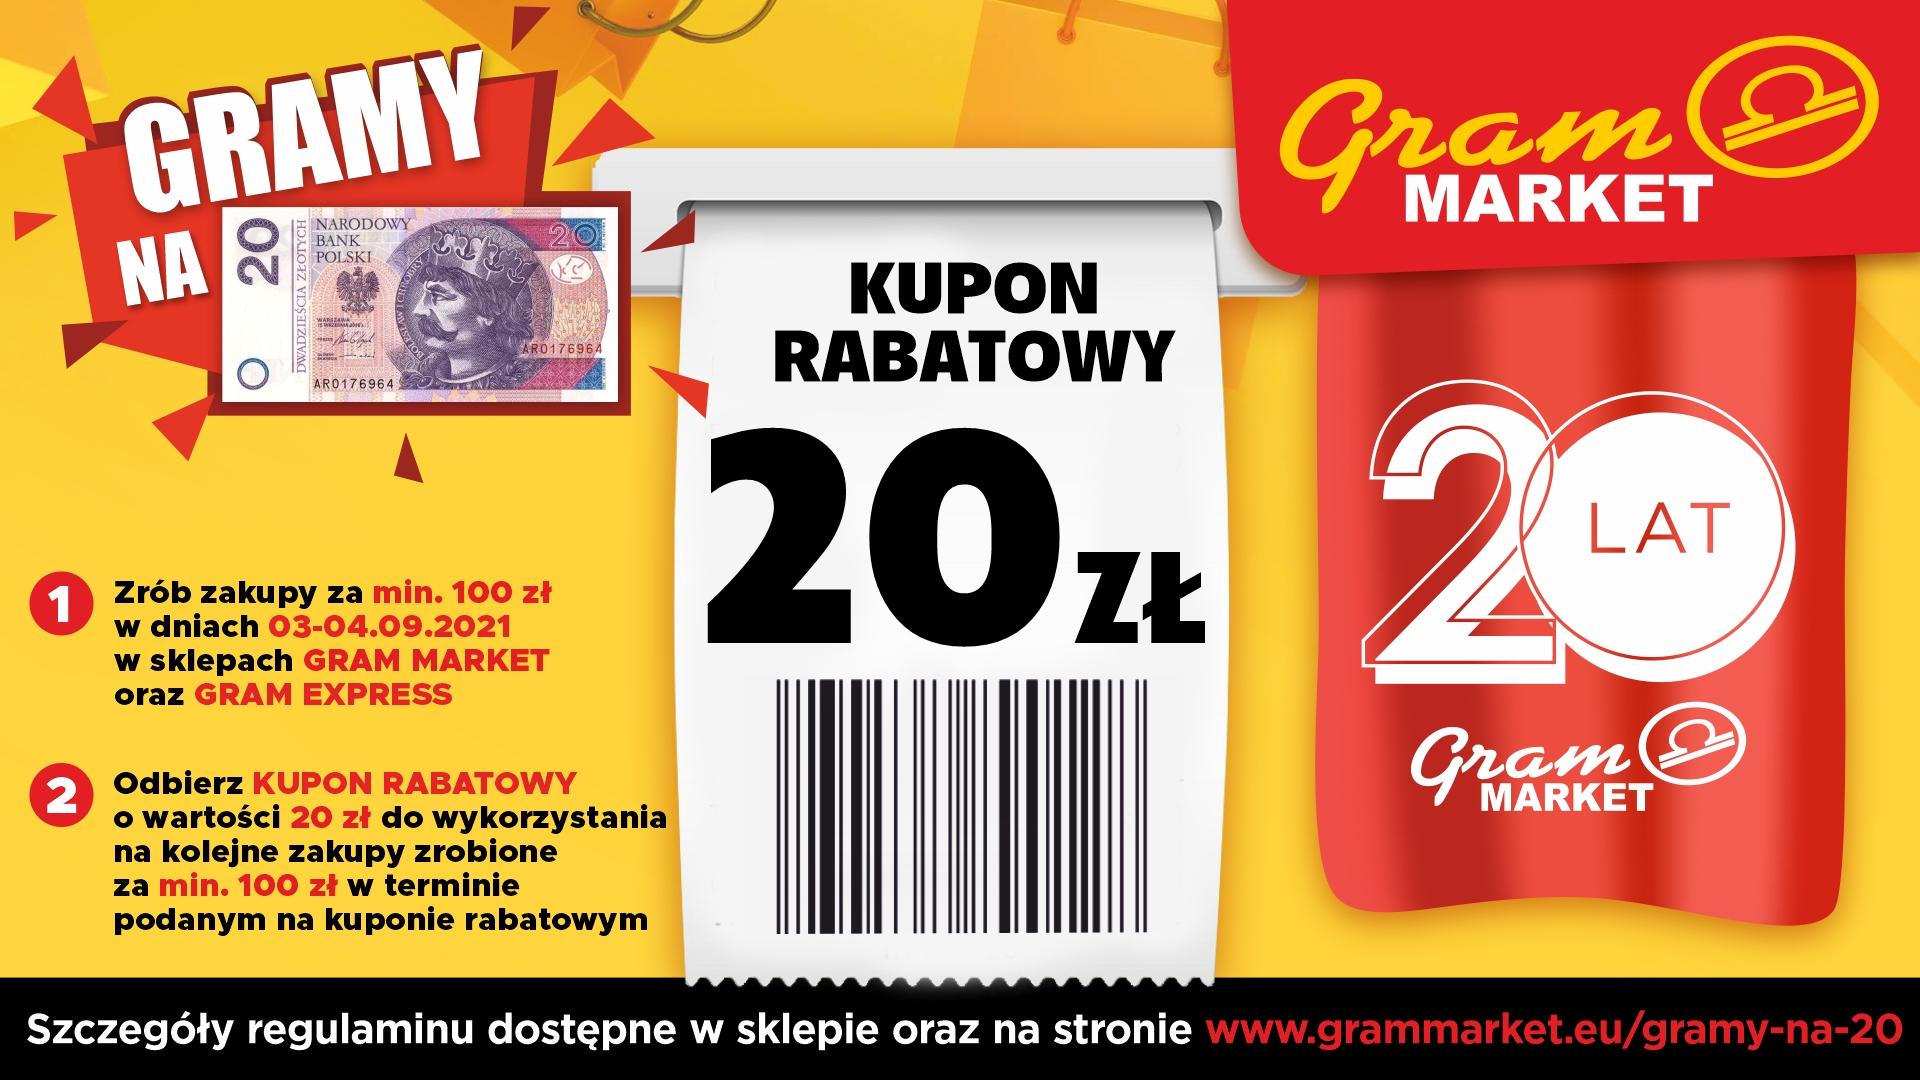 gramy-na-20